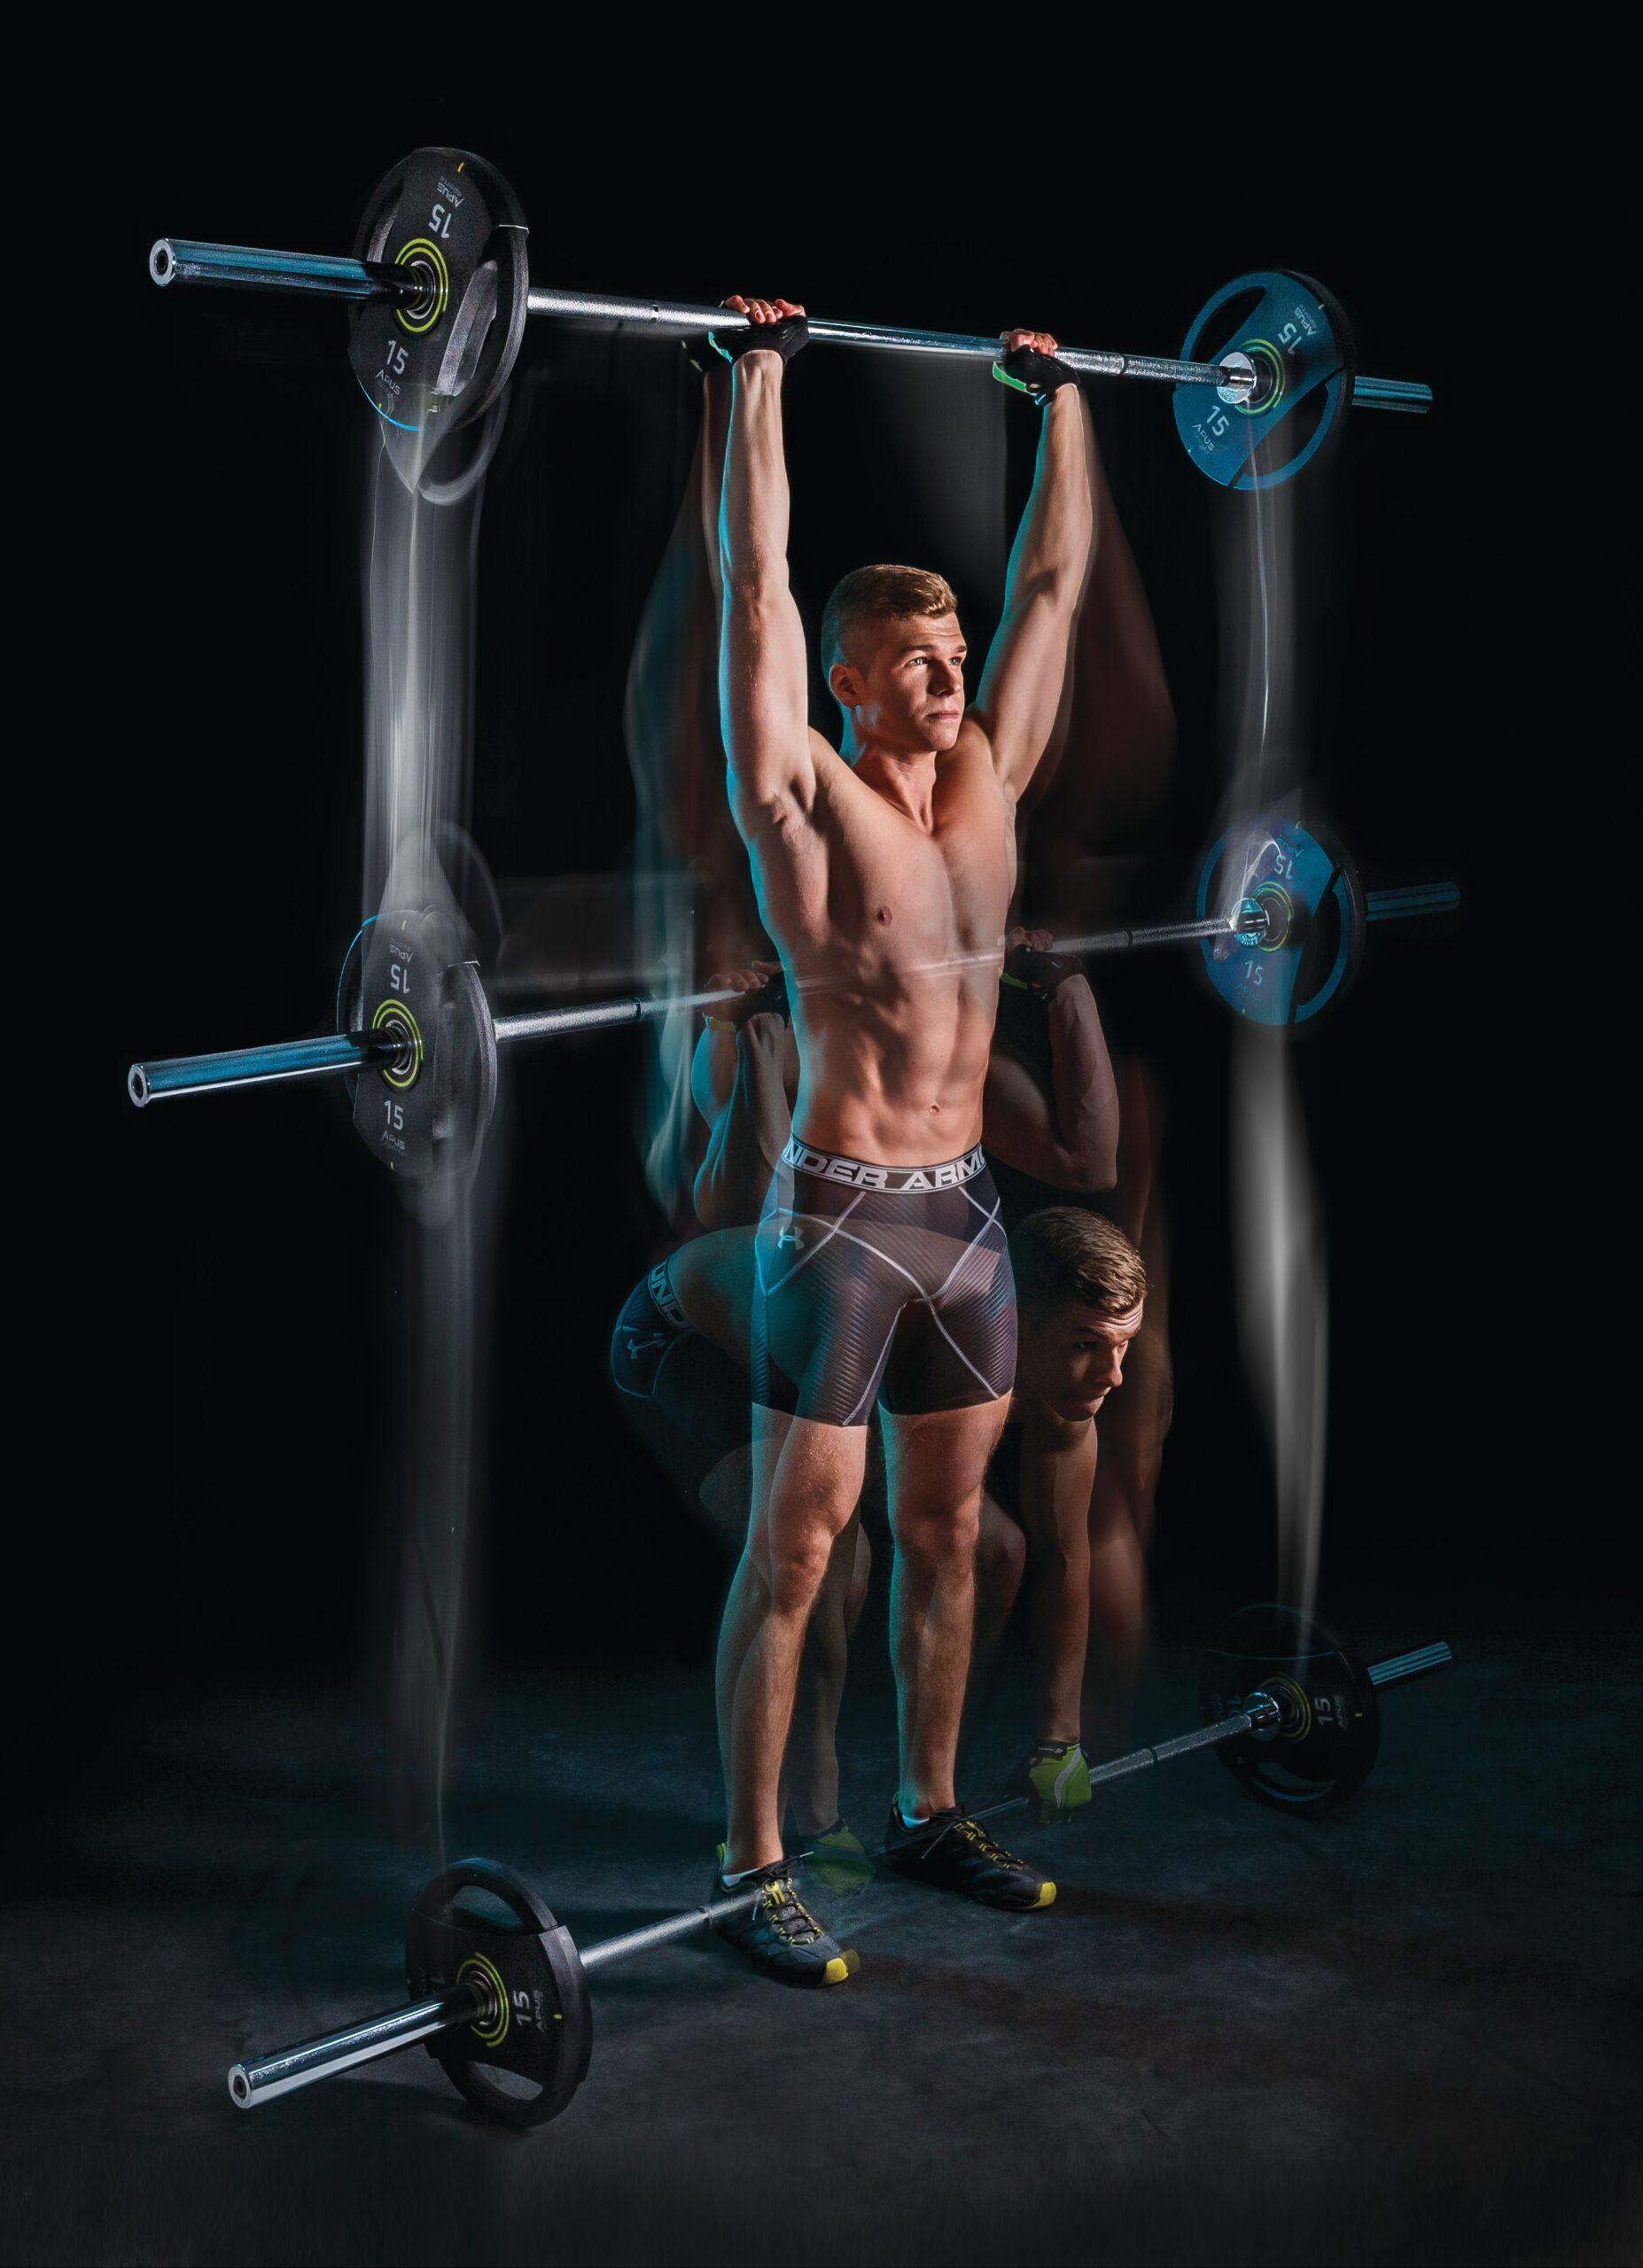 Гриф олимпийский для штанги 220 см. Apus Sports. Профессиональный прямой